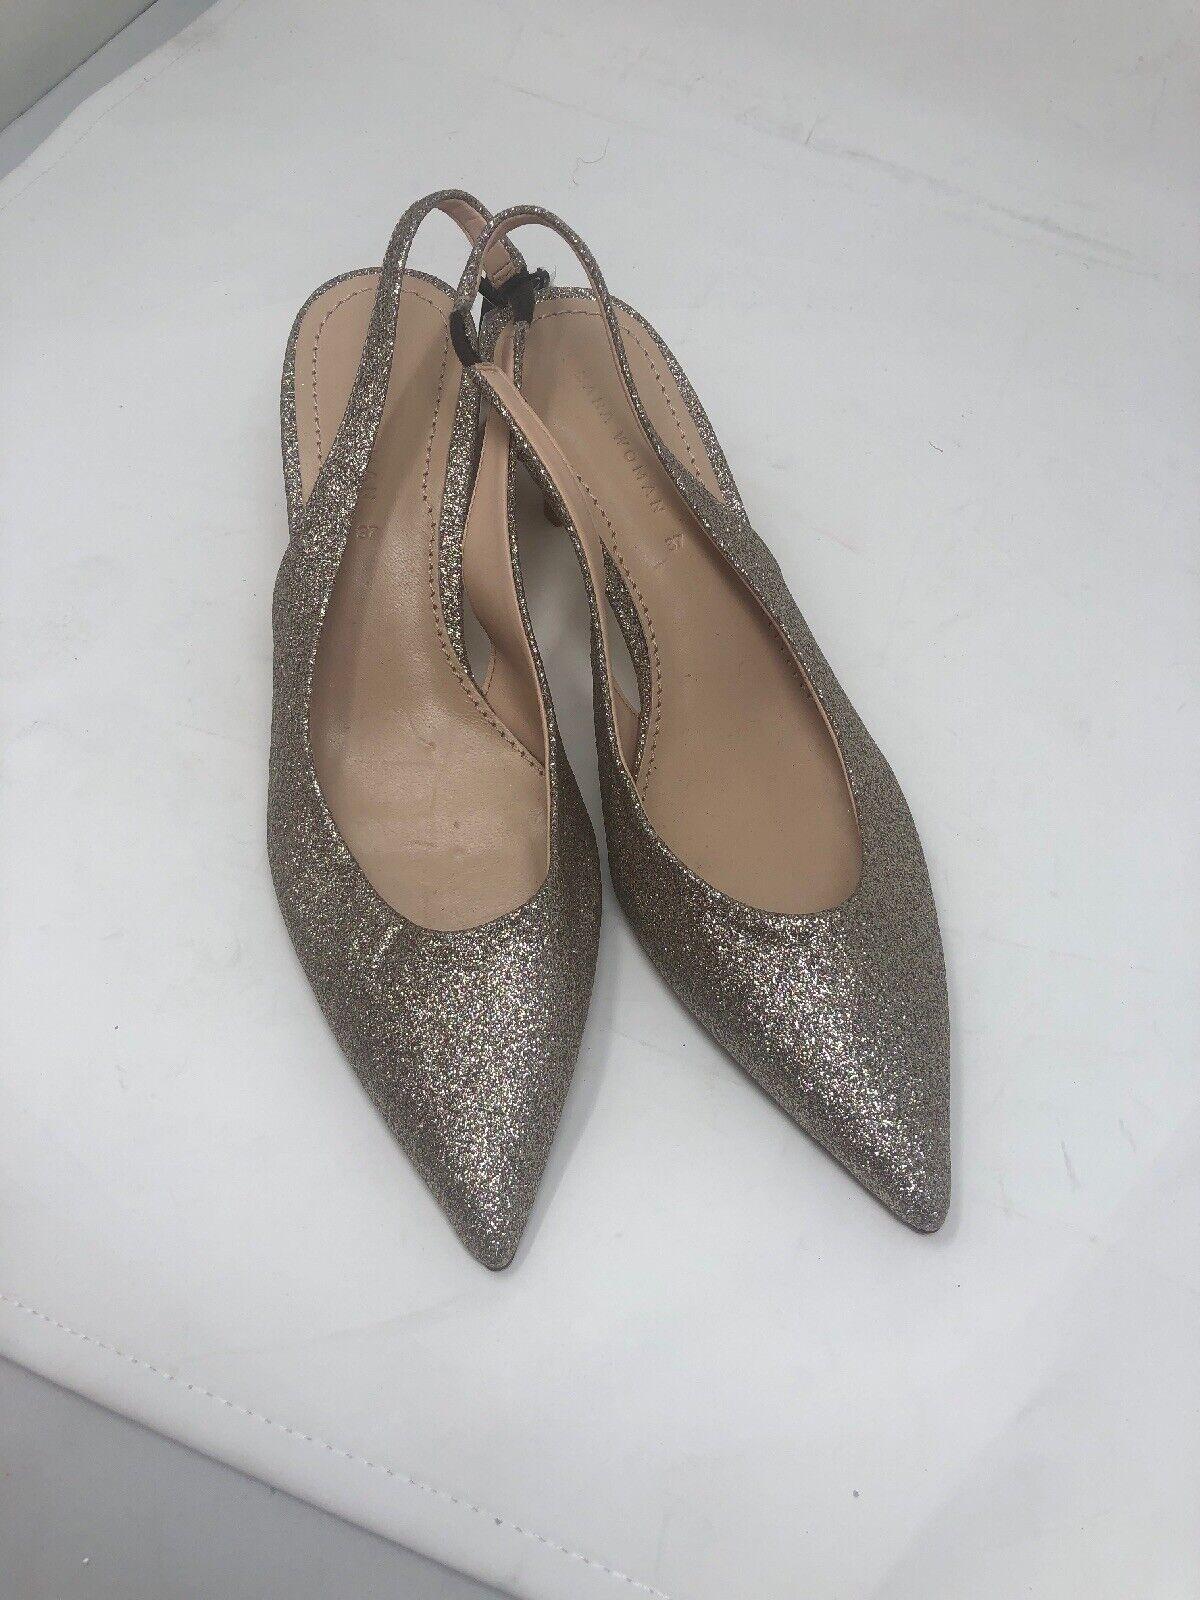 Zara Women shoes Sz 6.5 gold Glitter Slingback Ref 1235 301